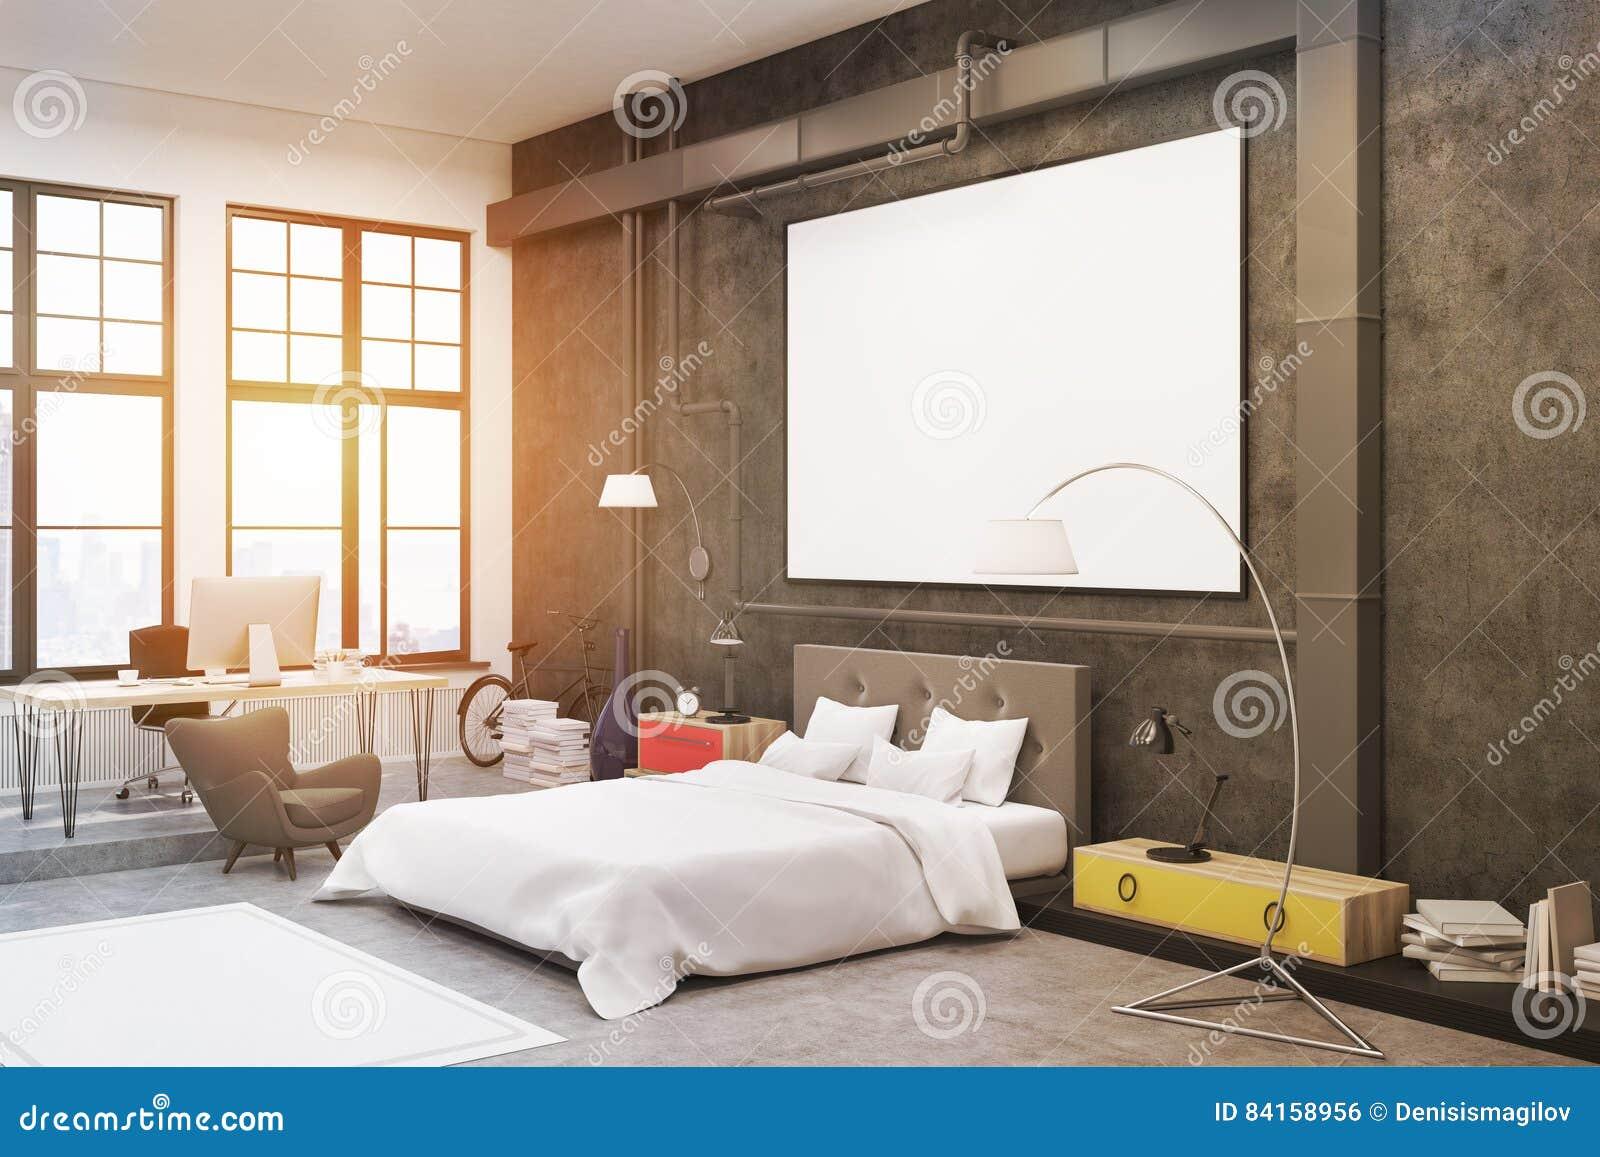 Decoratie Slaapkamer Muur : Slaapkamer zwarte muren stock illustratie illustratie bestaande